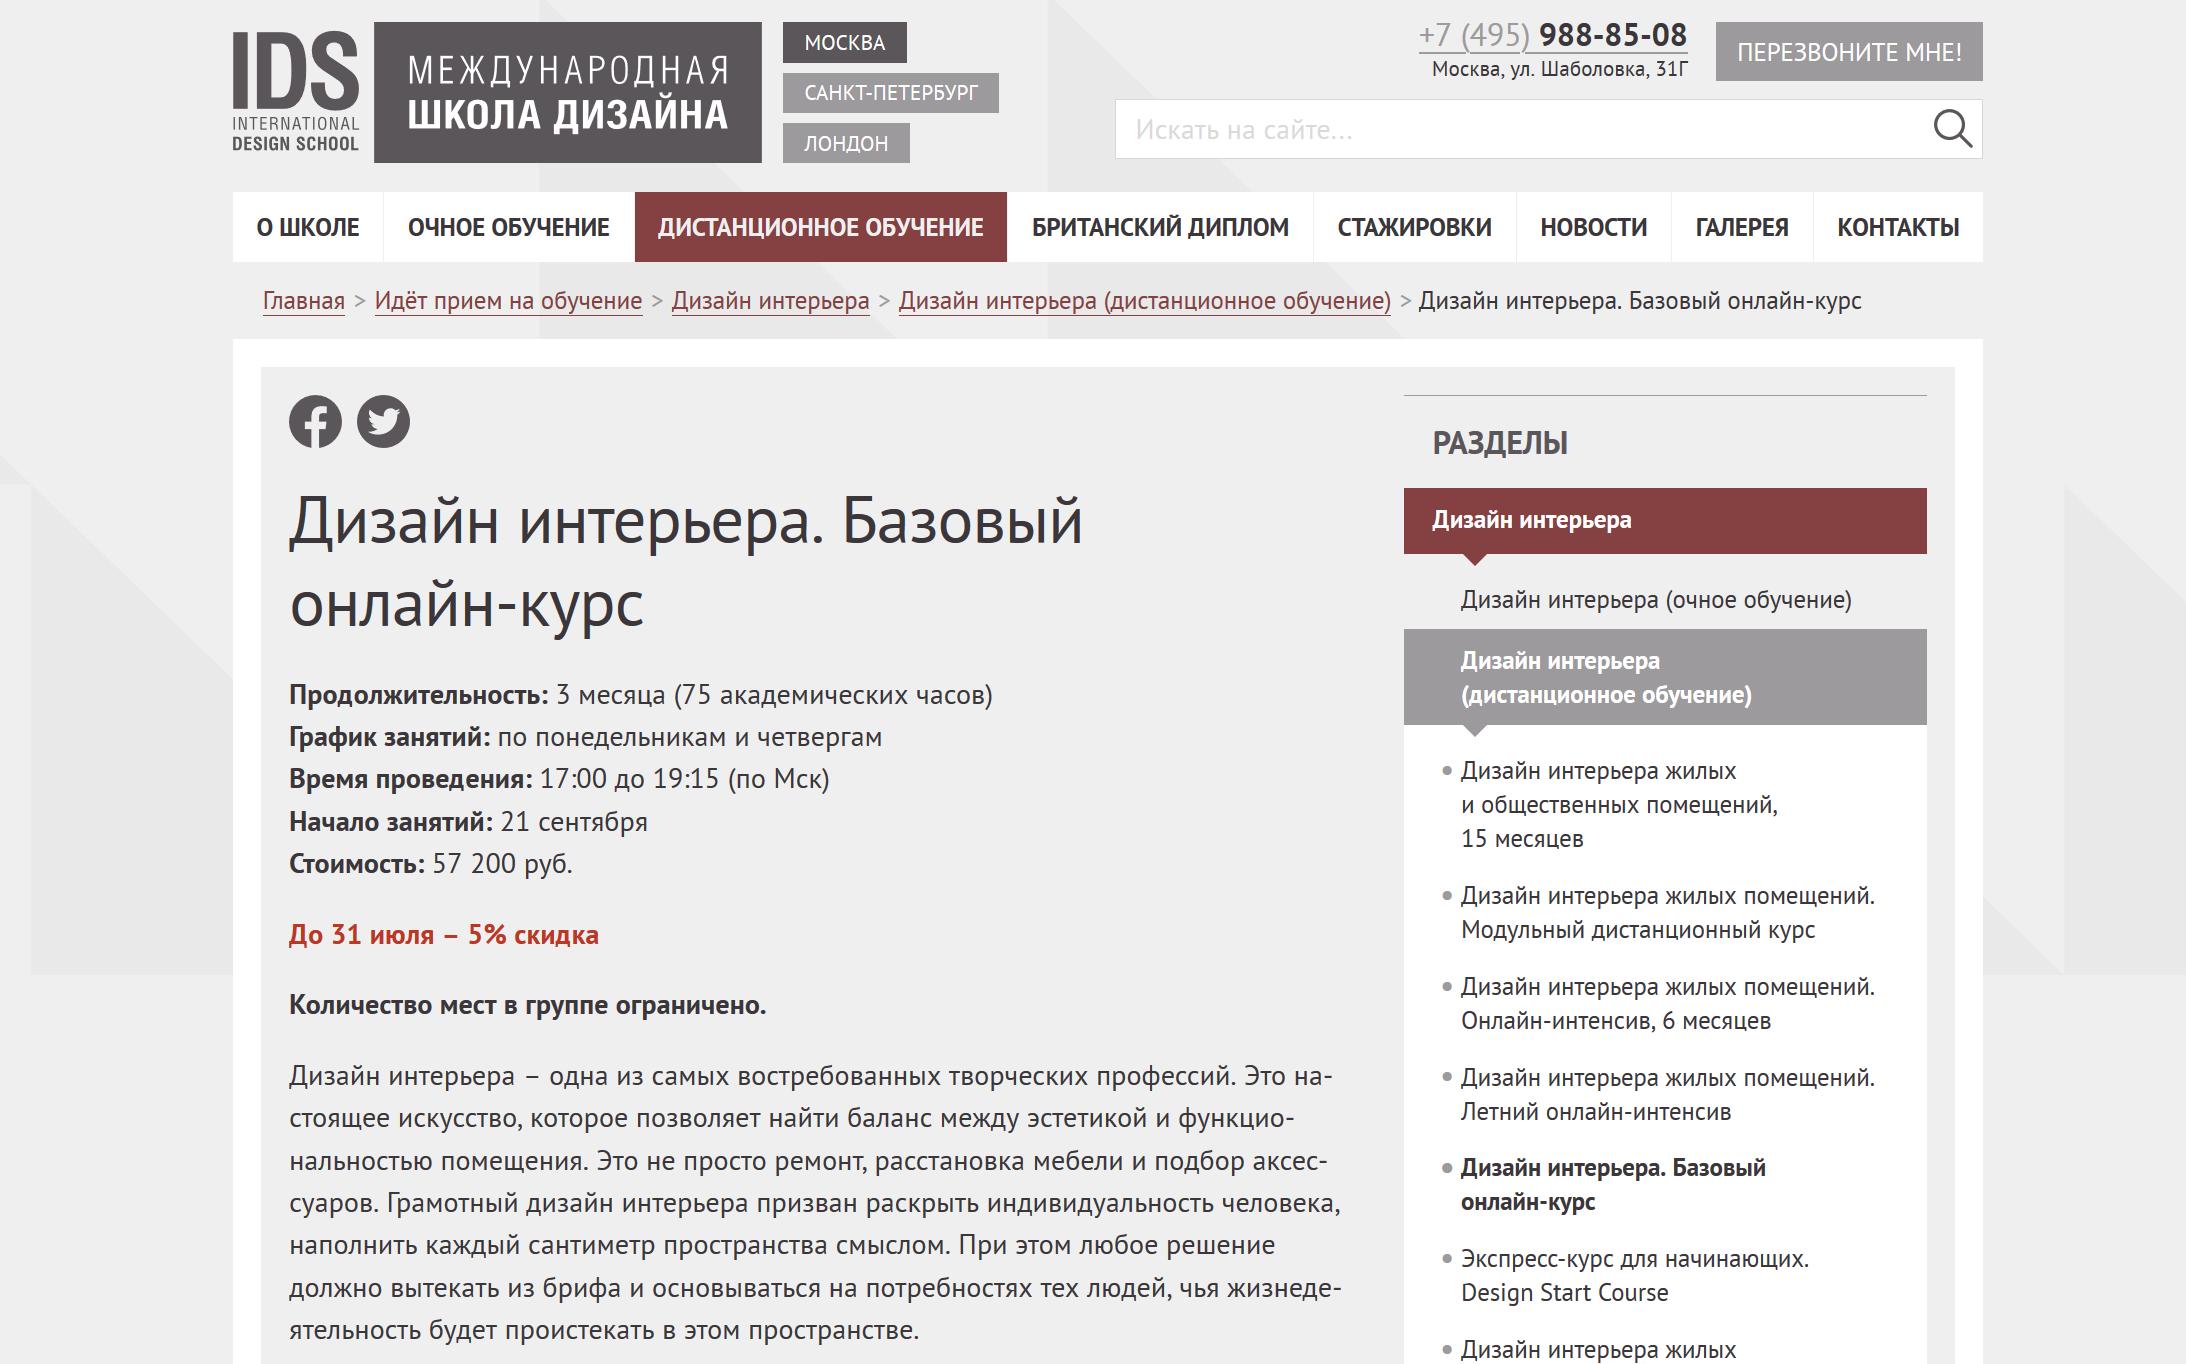 Дизайн интерьера. Базовый онлайн‑курс Международная Школа Дизайна